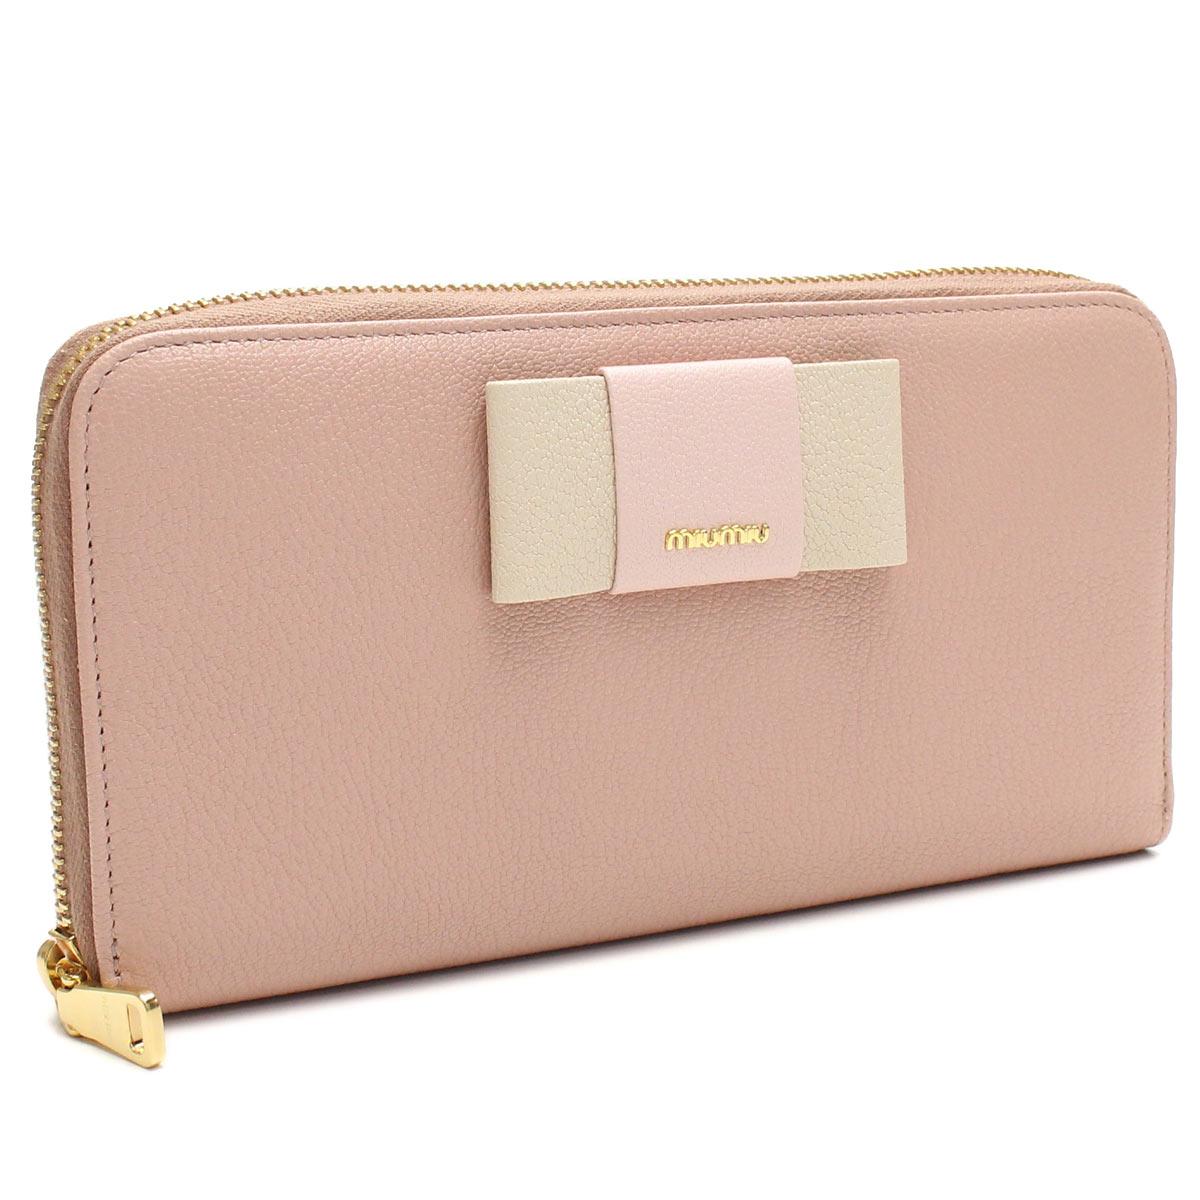 Miu Miu Zip Wallet